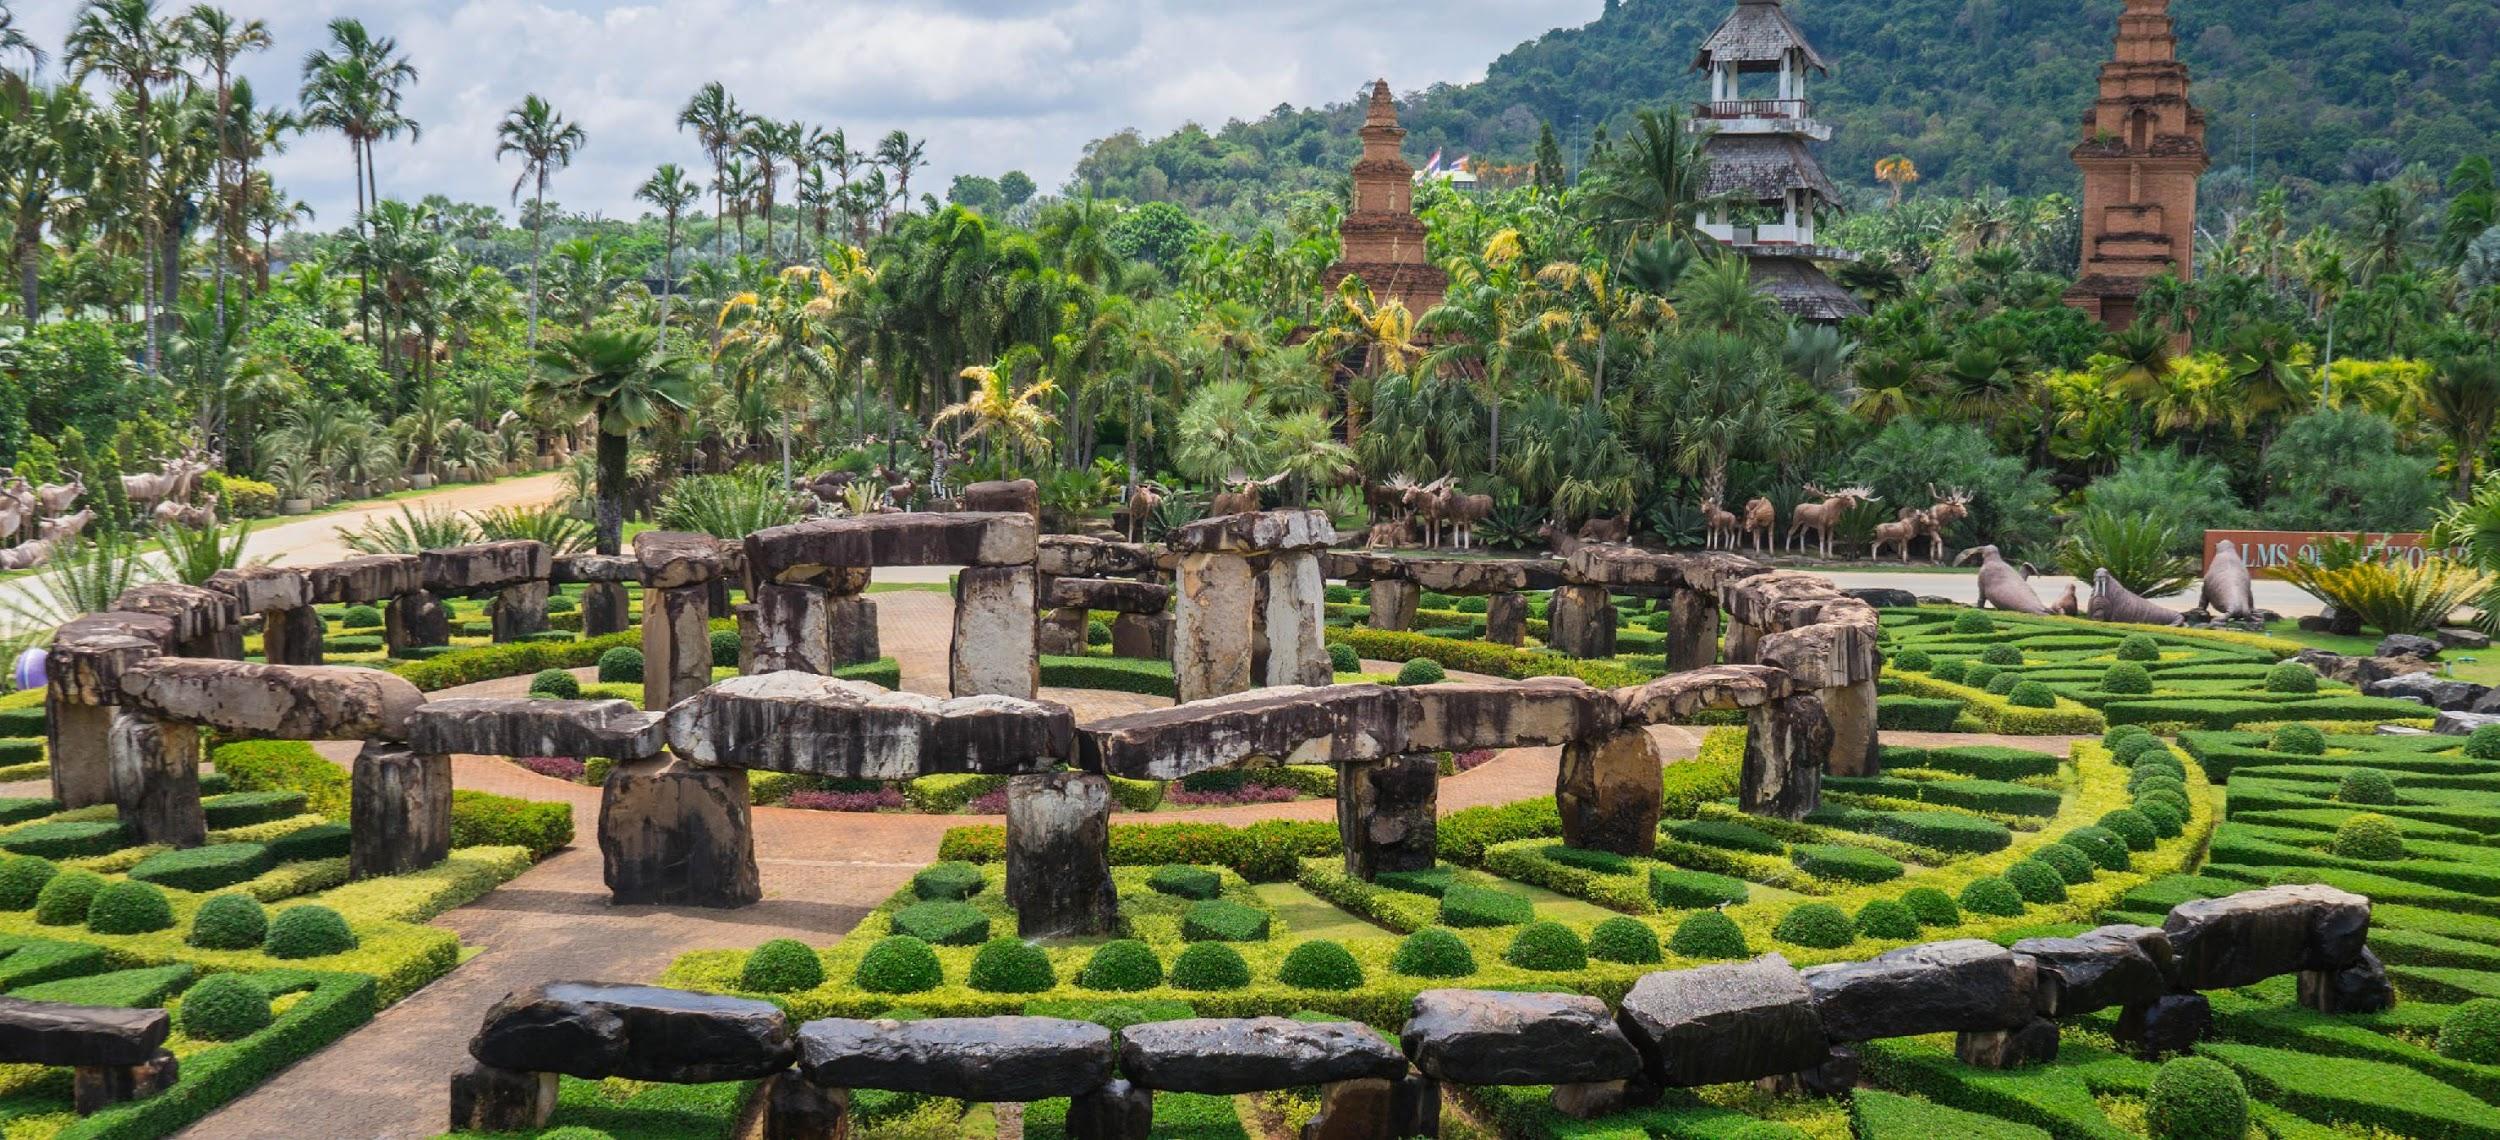 Vườn đá Stonehenge từ nước Anh xa xôi đã đến Pattaya